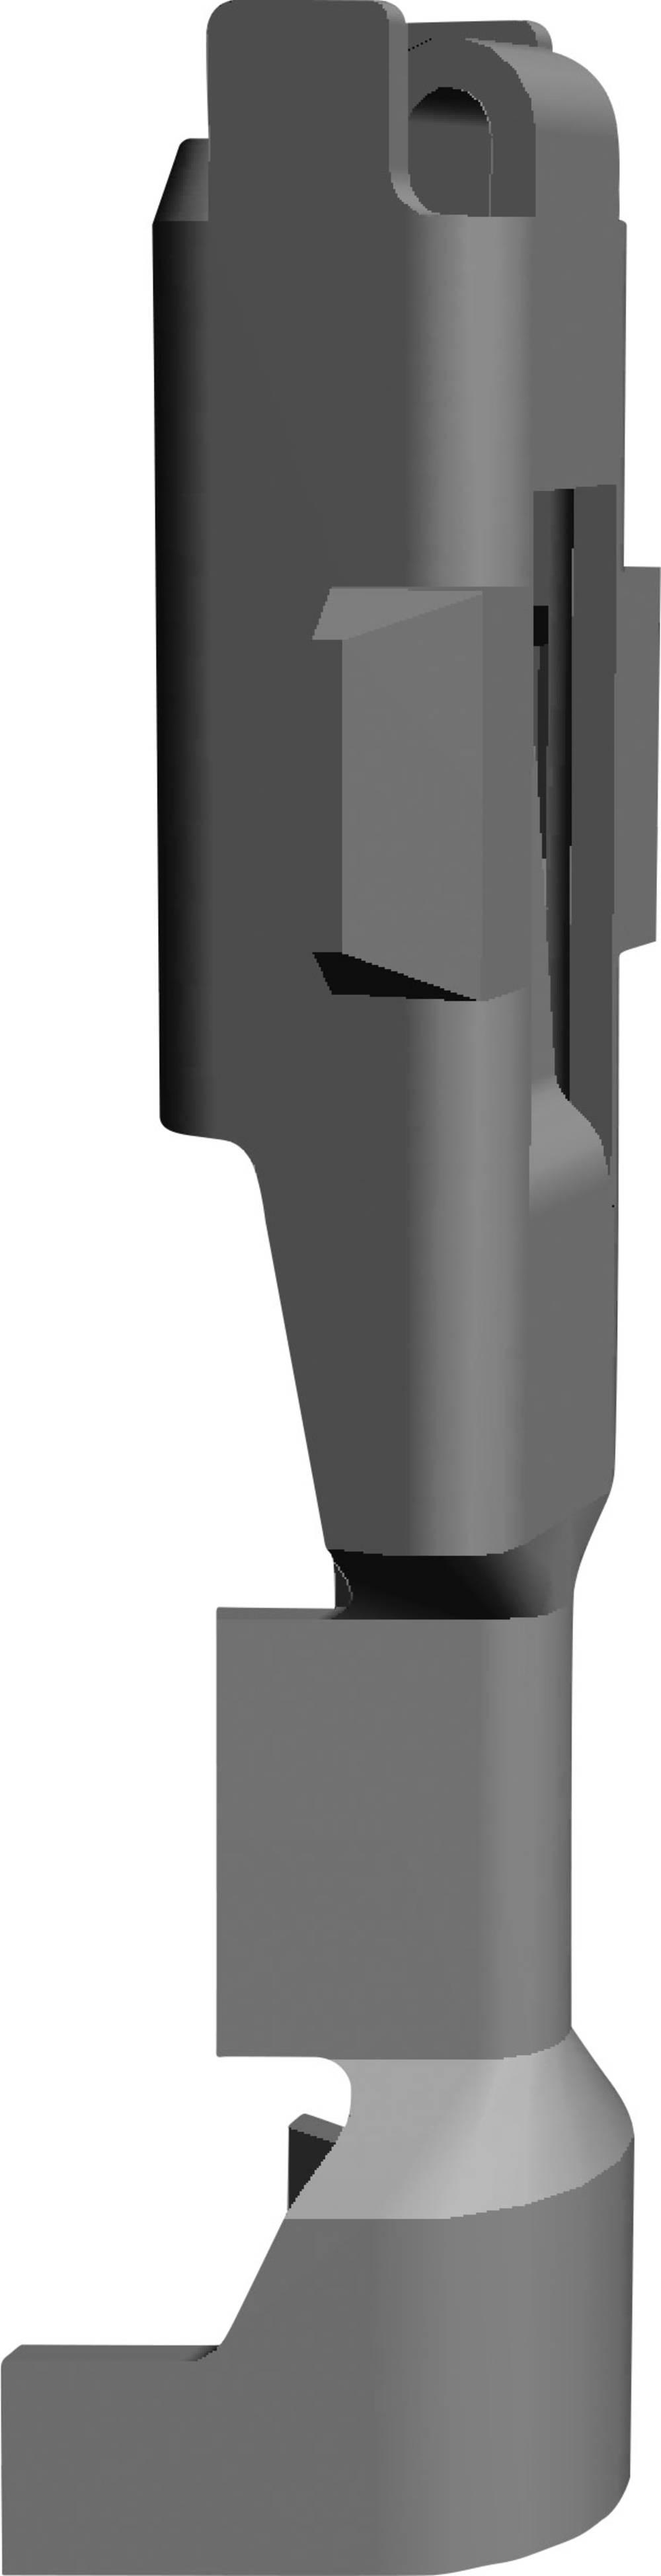 Crimpkontakter Econoseal J Serie Mark II (+) Samlet antal poler 1 TE Connectivity 171699-1 1 stk